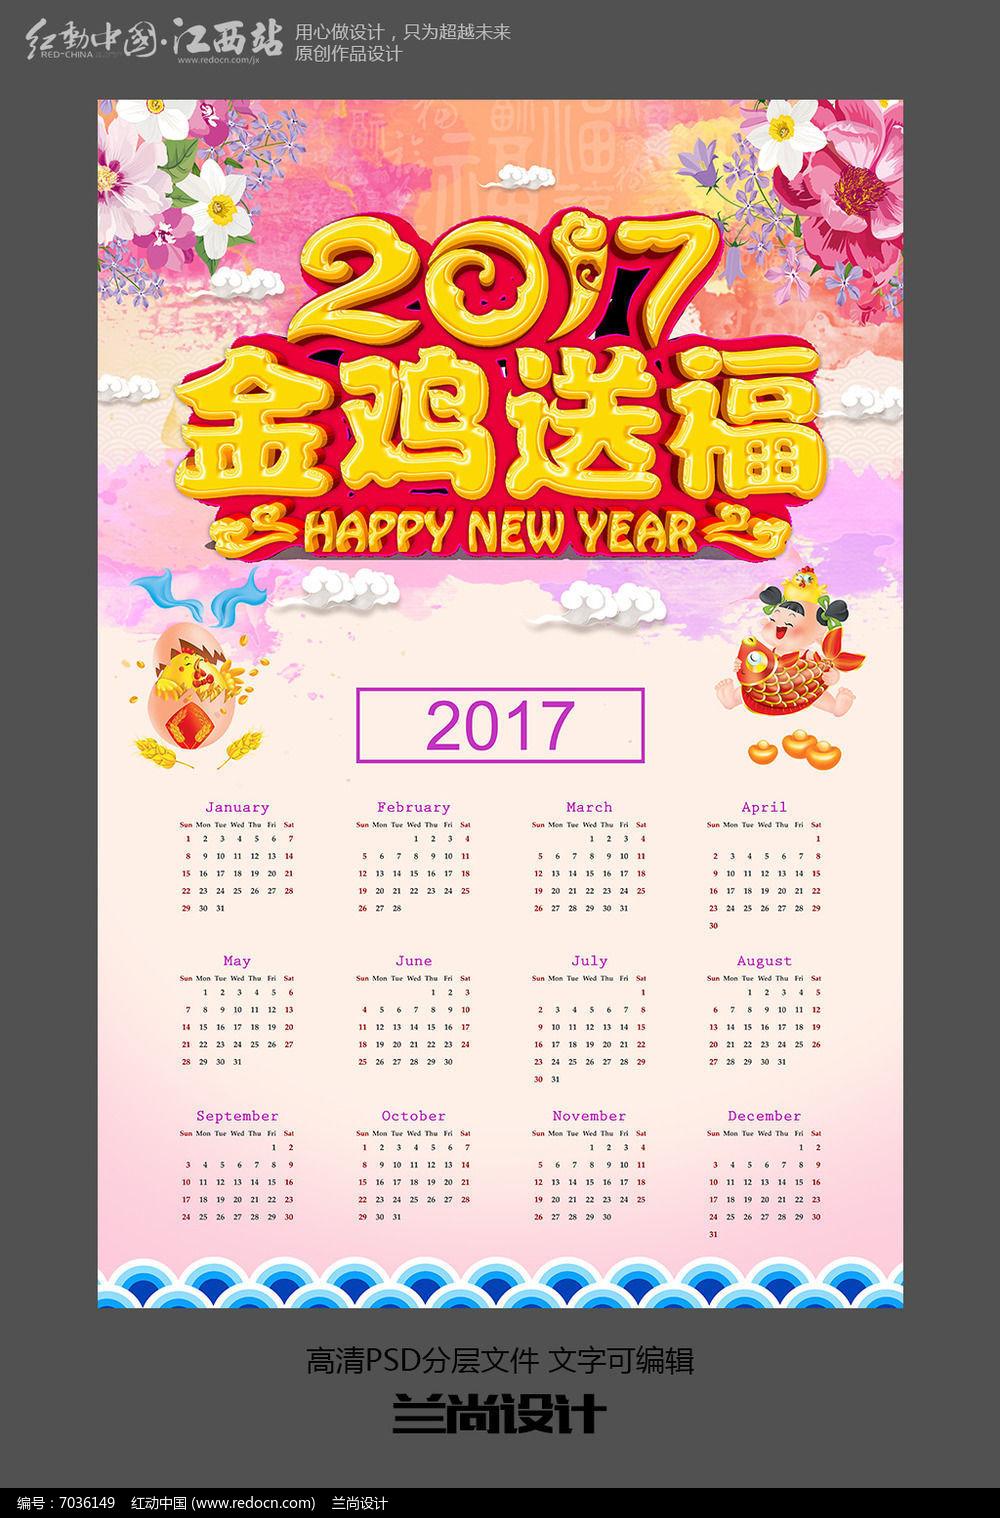 2017鸡年挂历台历日历模板设计图片